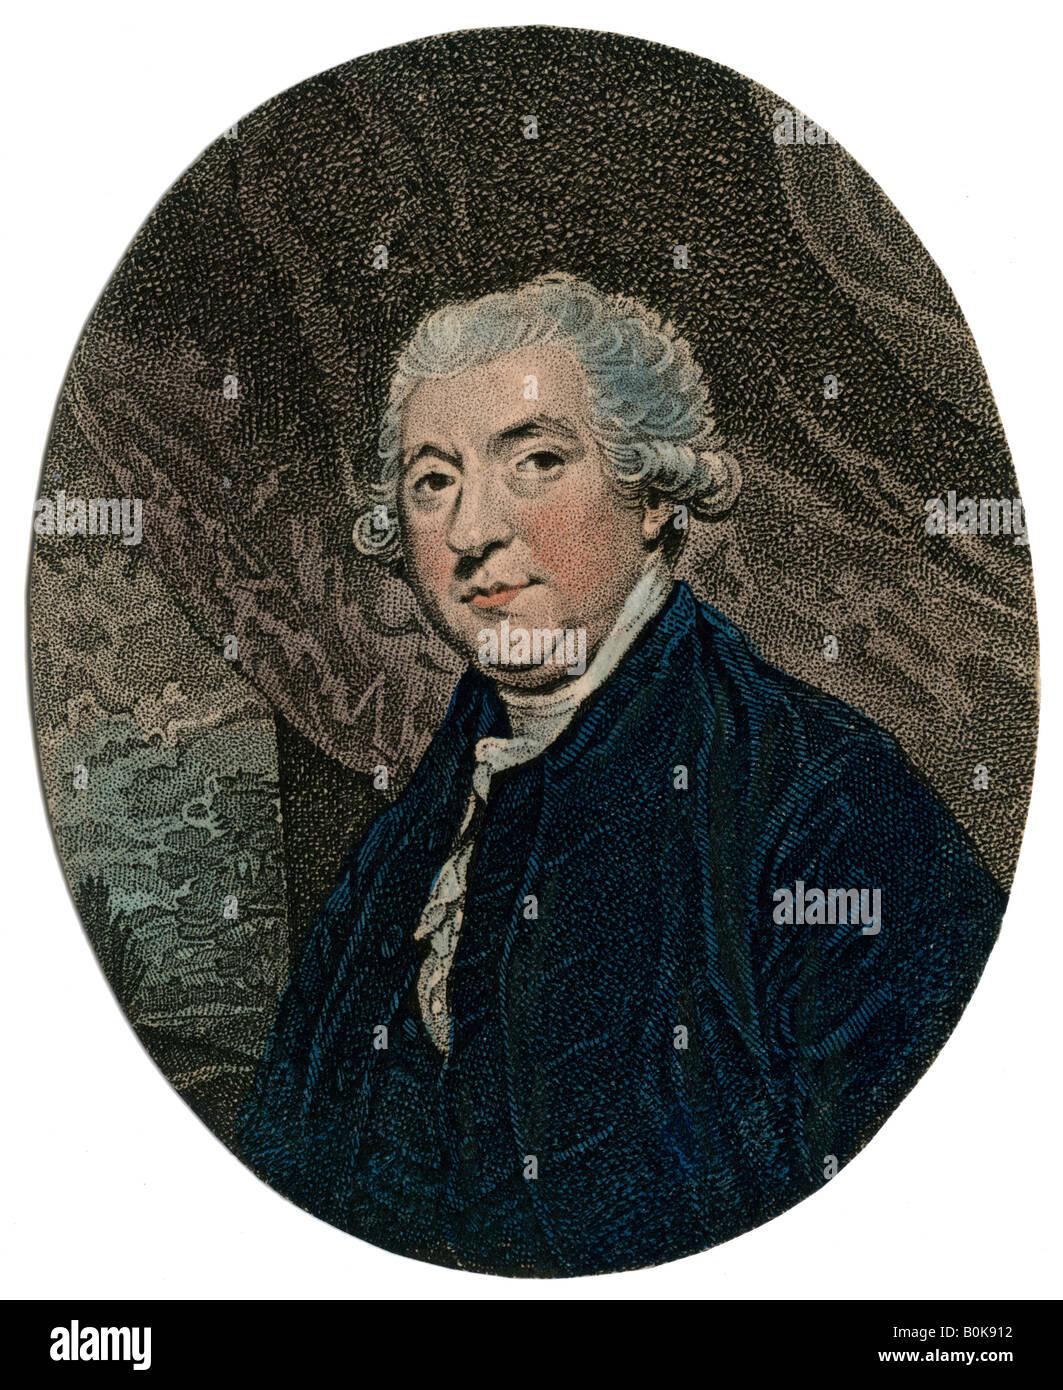 James Boswell, 9 Laird di Auchinleck, XVIII secolo avvocato scozzese e diarist, xix secolo. Artista: sconosciuto Immagini Stock